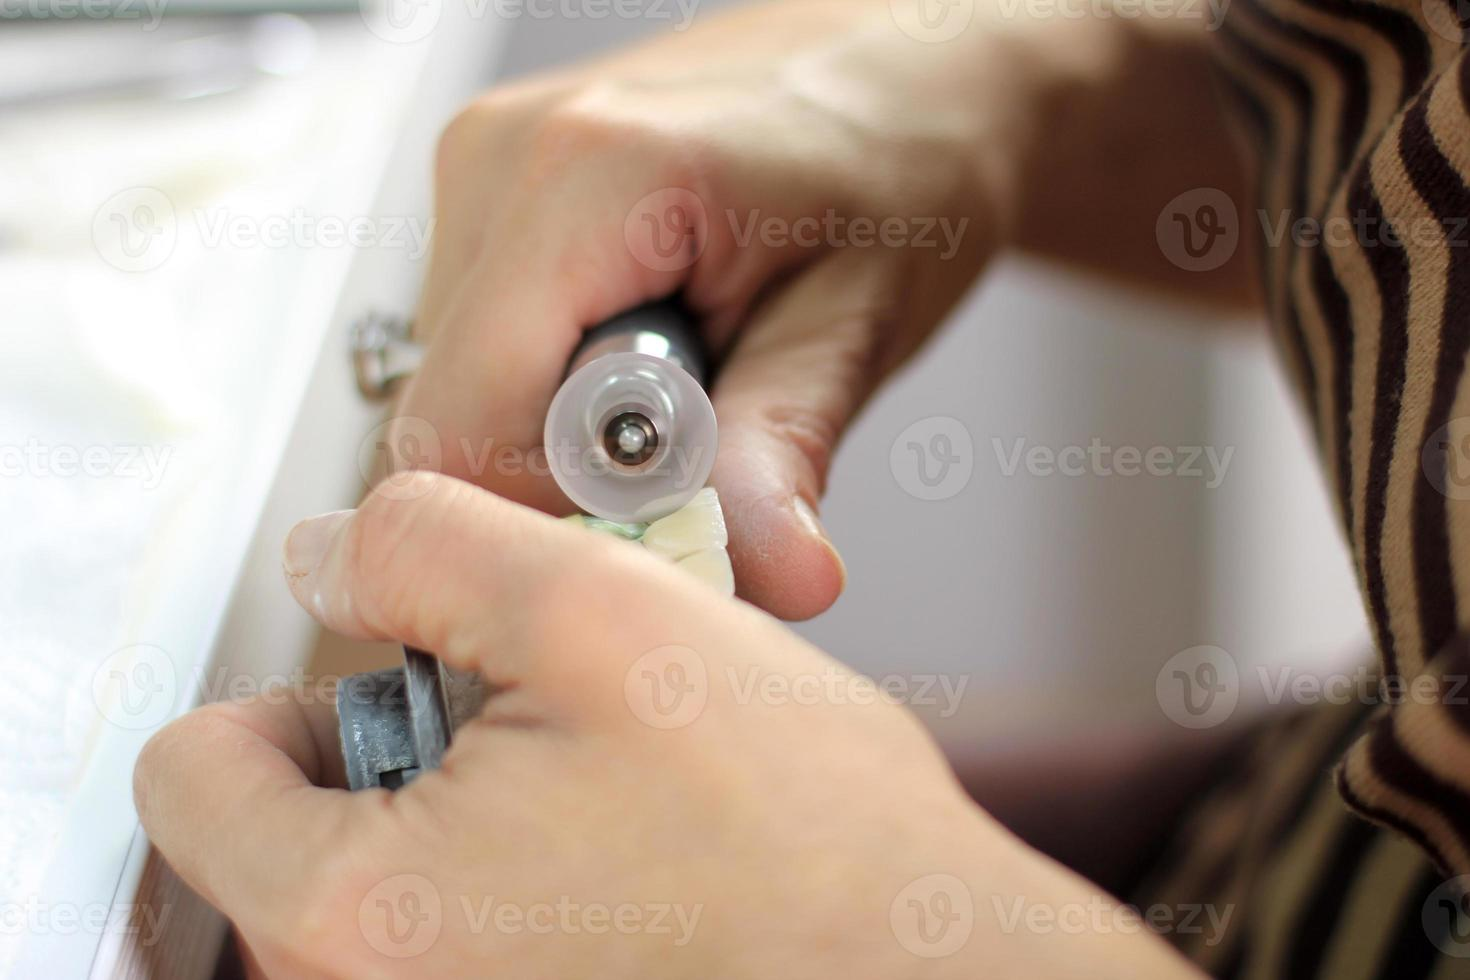 técnico dental processa os dentes artificiais com micromotor foto